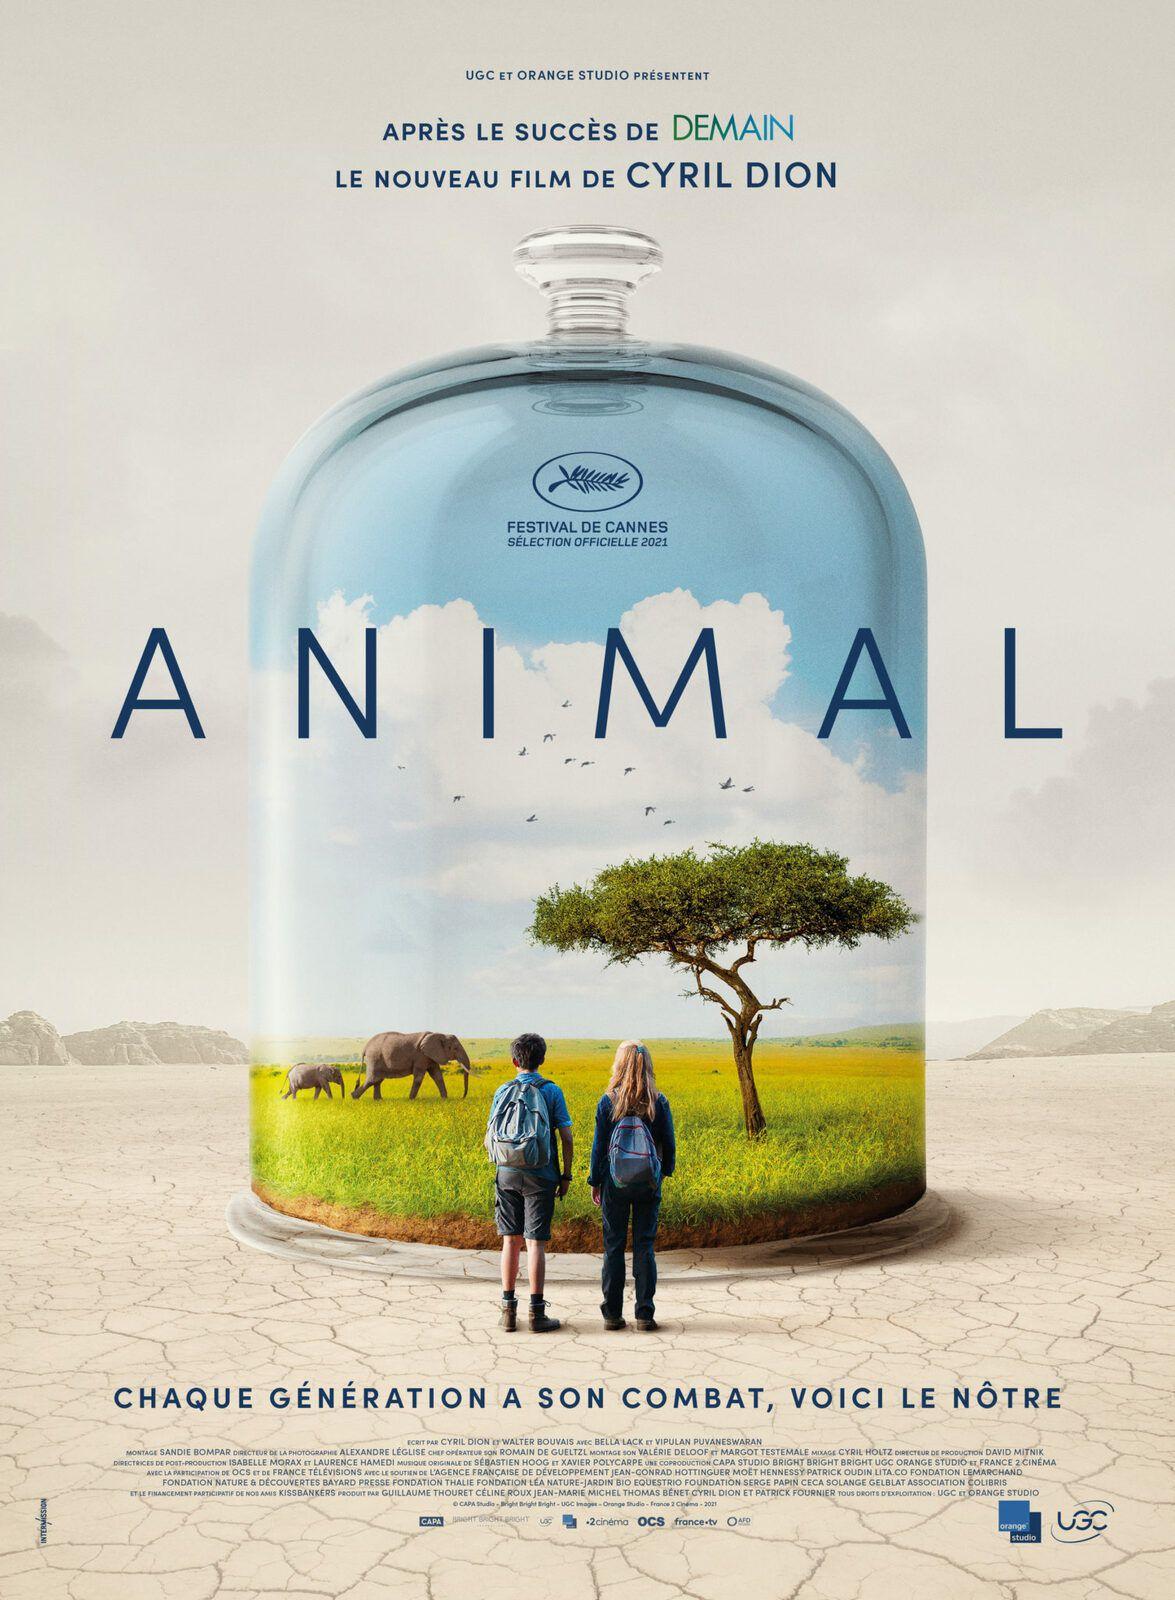 Nouvelle bande-annonce du film documentaire Animal, de Cyril Dion.